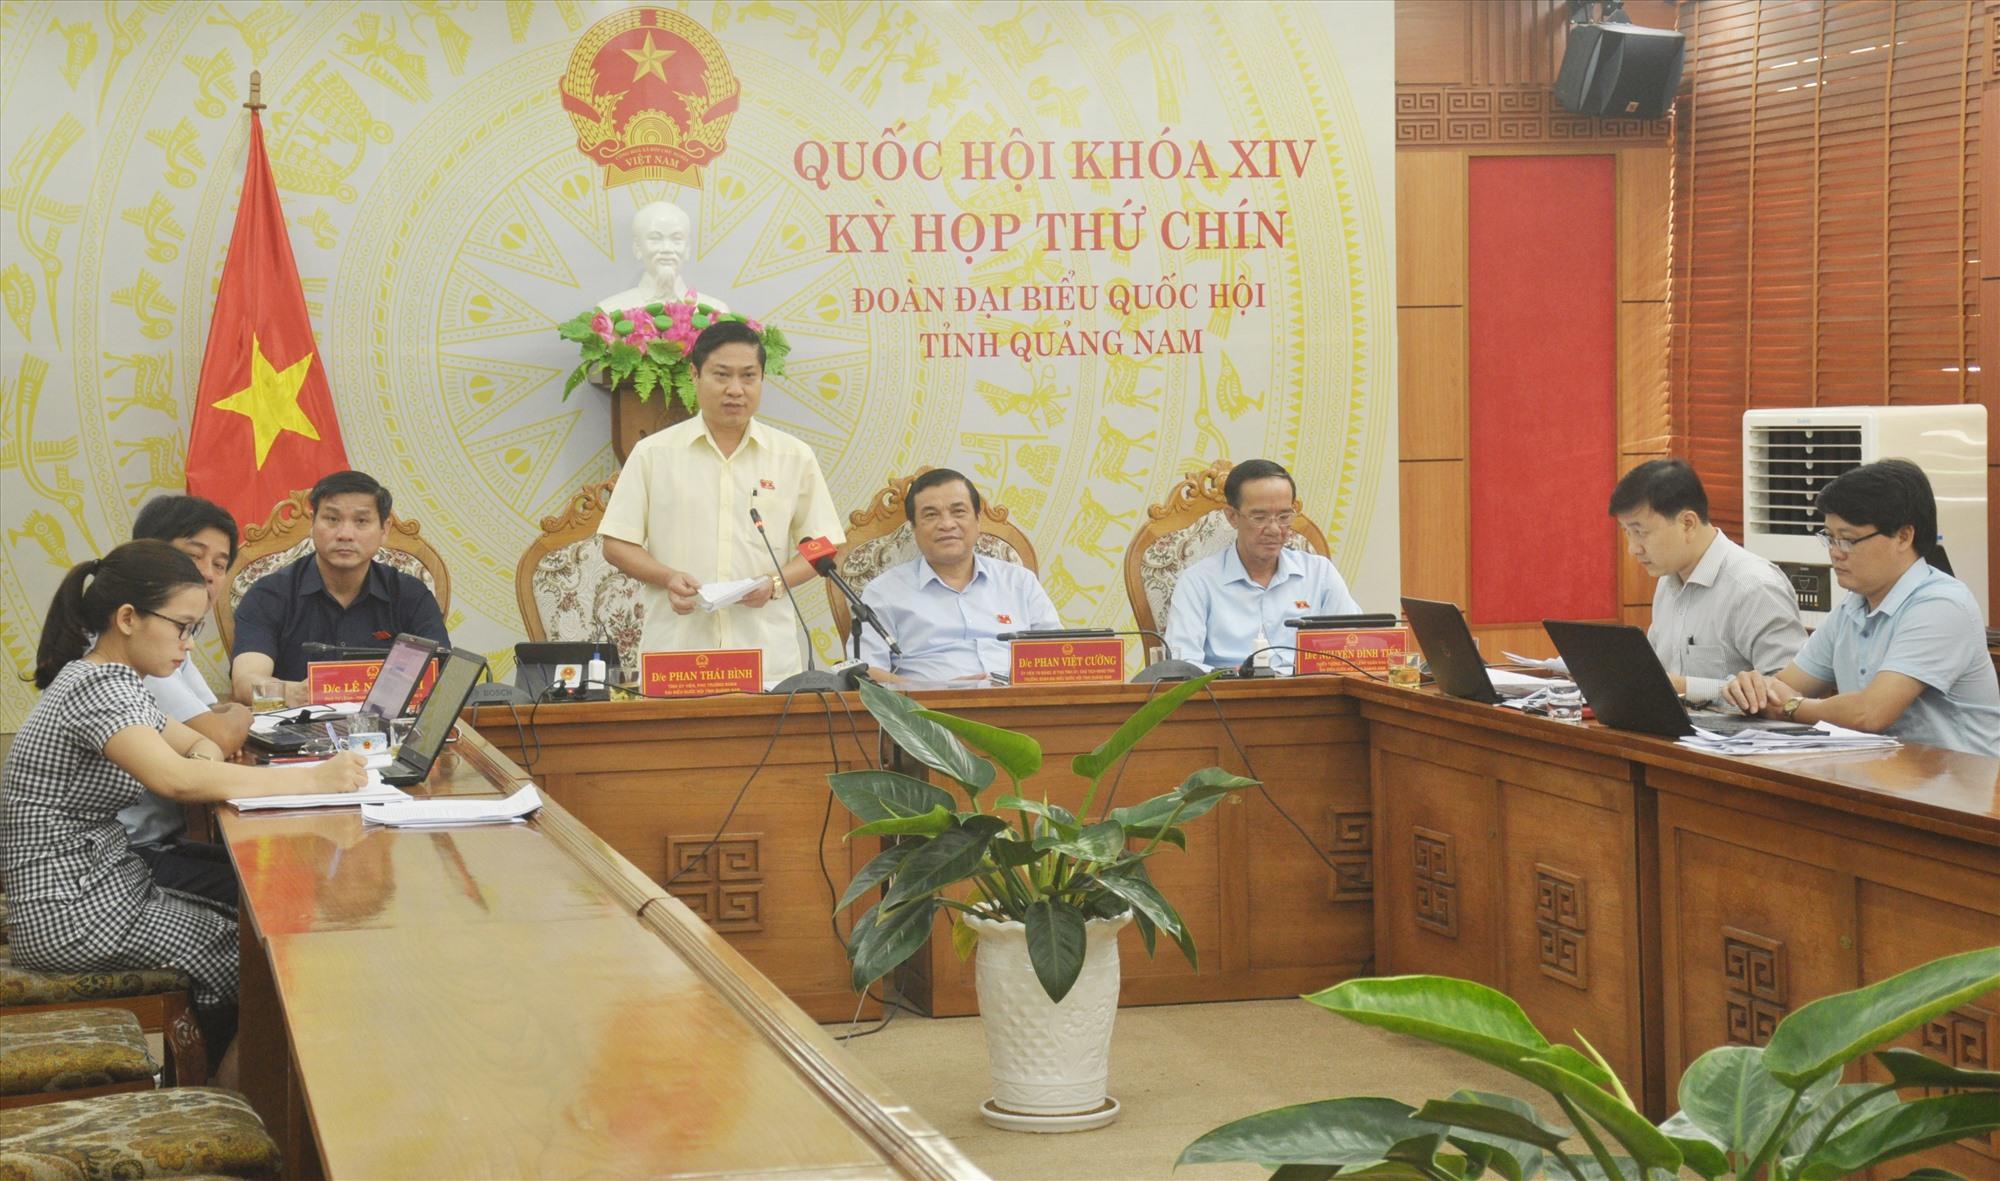 Phó Trưởng đoàn ĐBQH tỉnh Phan Thái Bình phát biểu thảo luận đối với dự thảo Nghị quyết về thí điểm tổ chức mô hình chính quyền đô thị tại Đà Nẵng và một số cơ chế, chính sách đặc thù khác. Ảnh: N.Đ